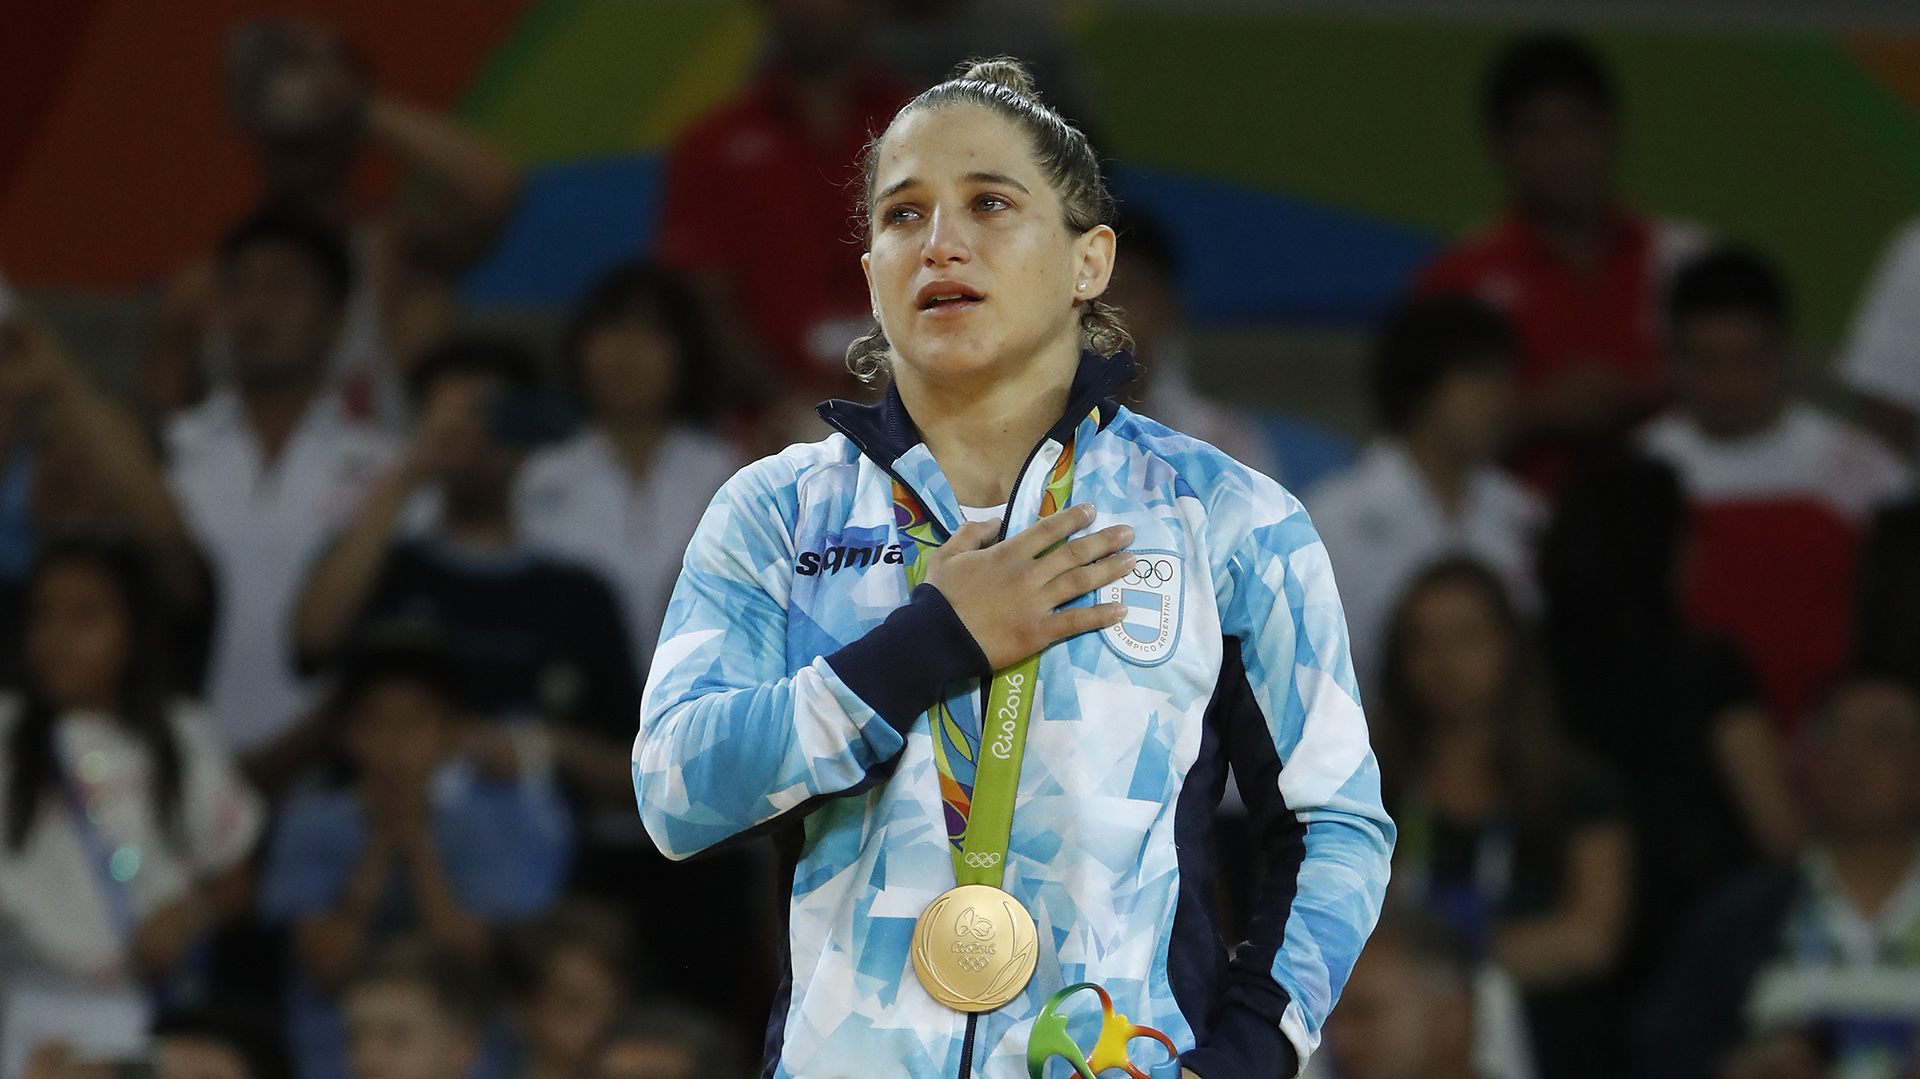 La hazaña dorada de la Peque Pareto en Rio 2016 cumple cuatro años